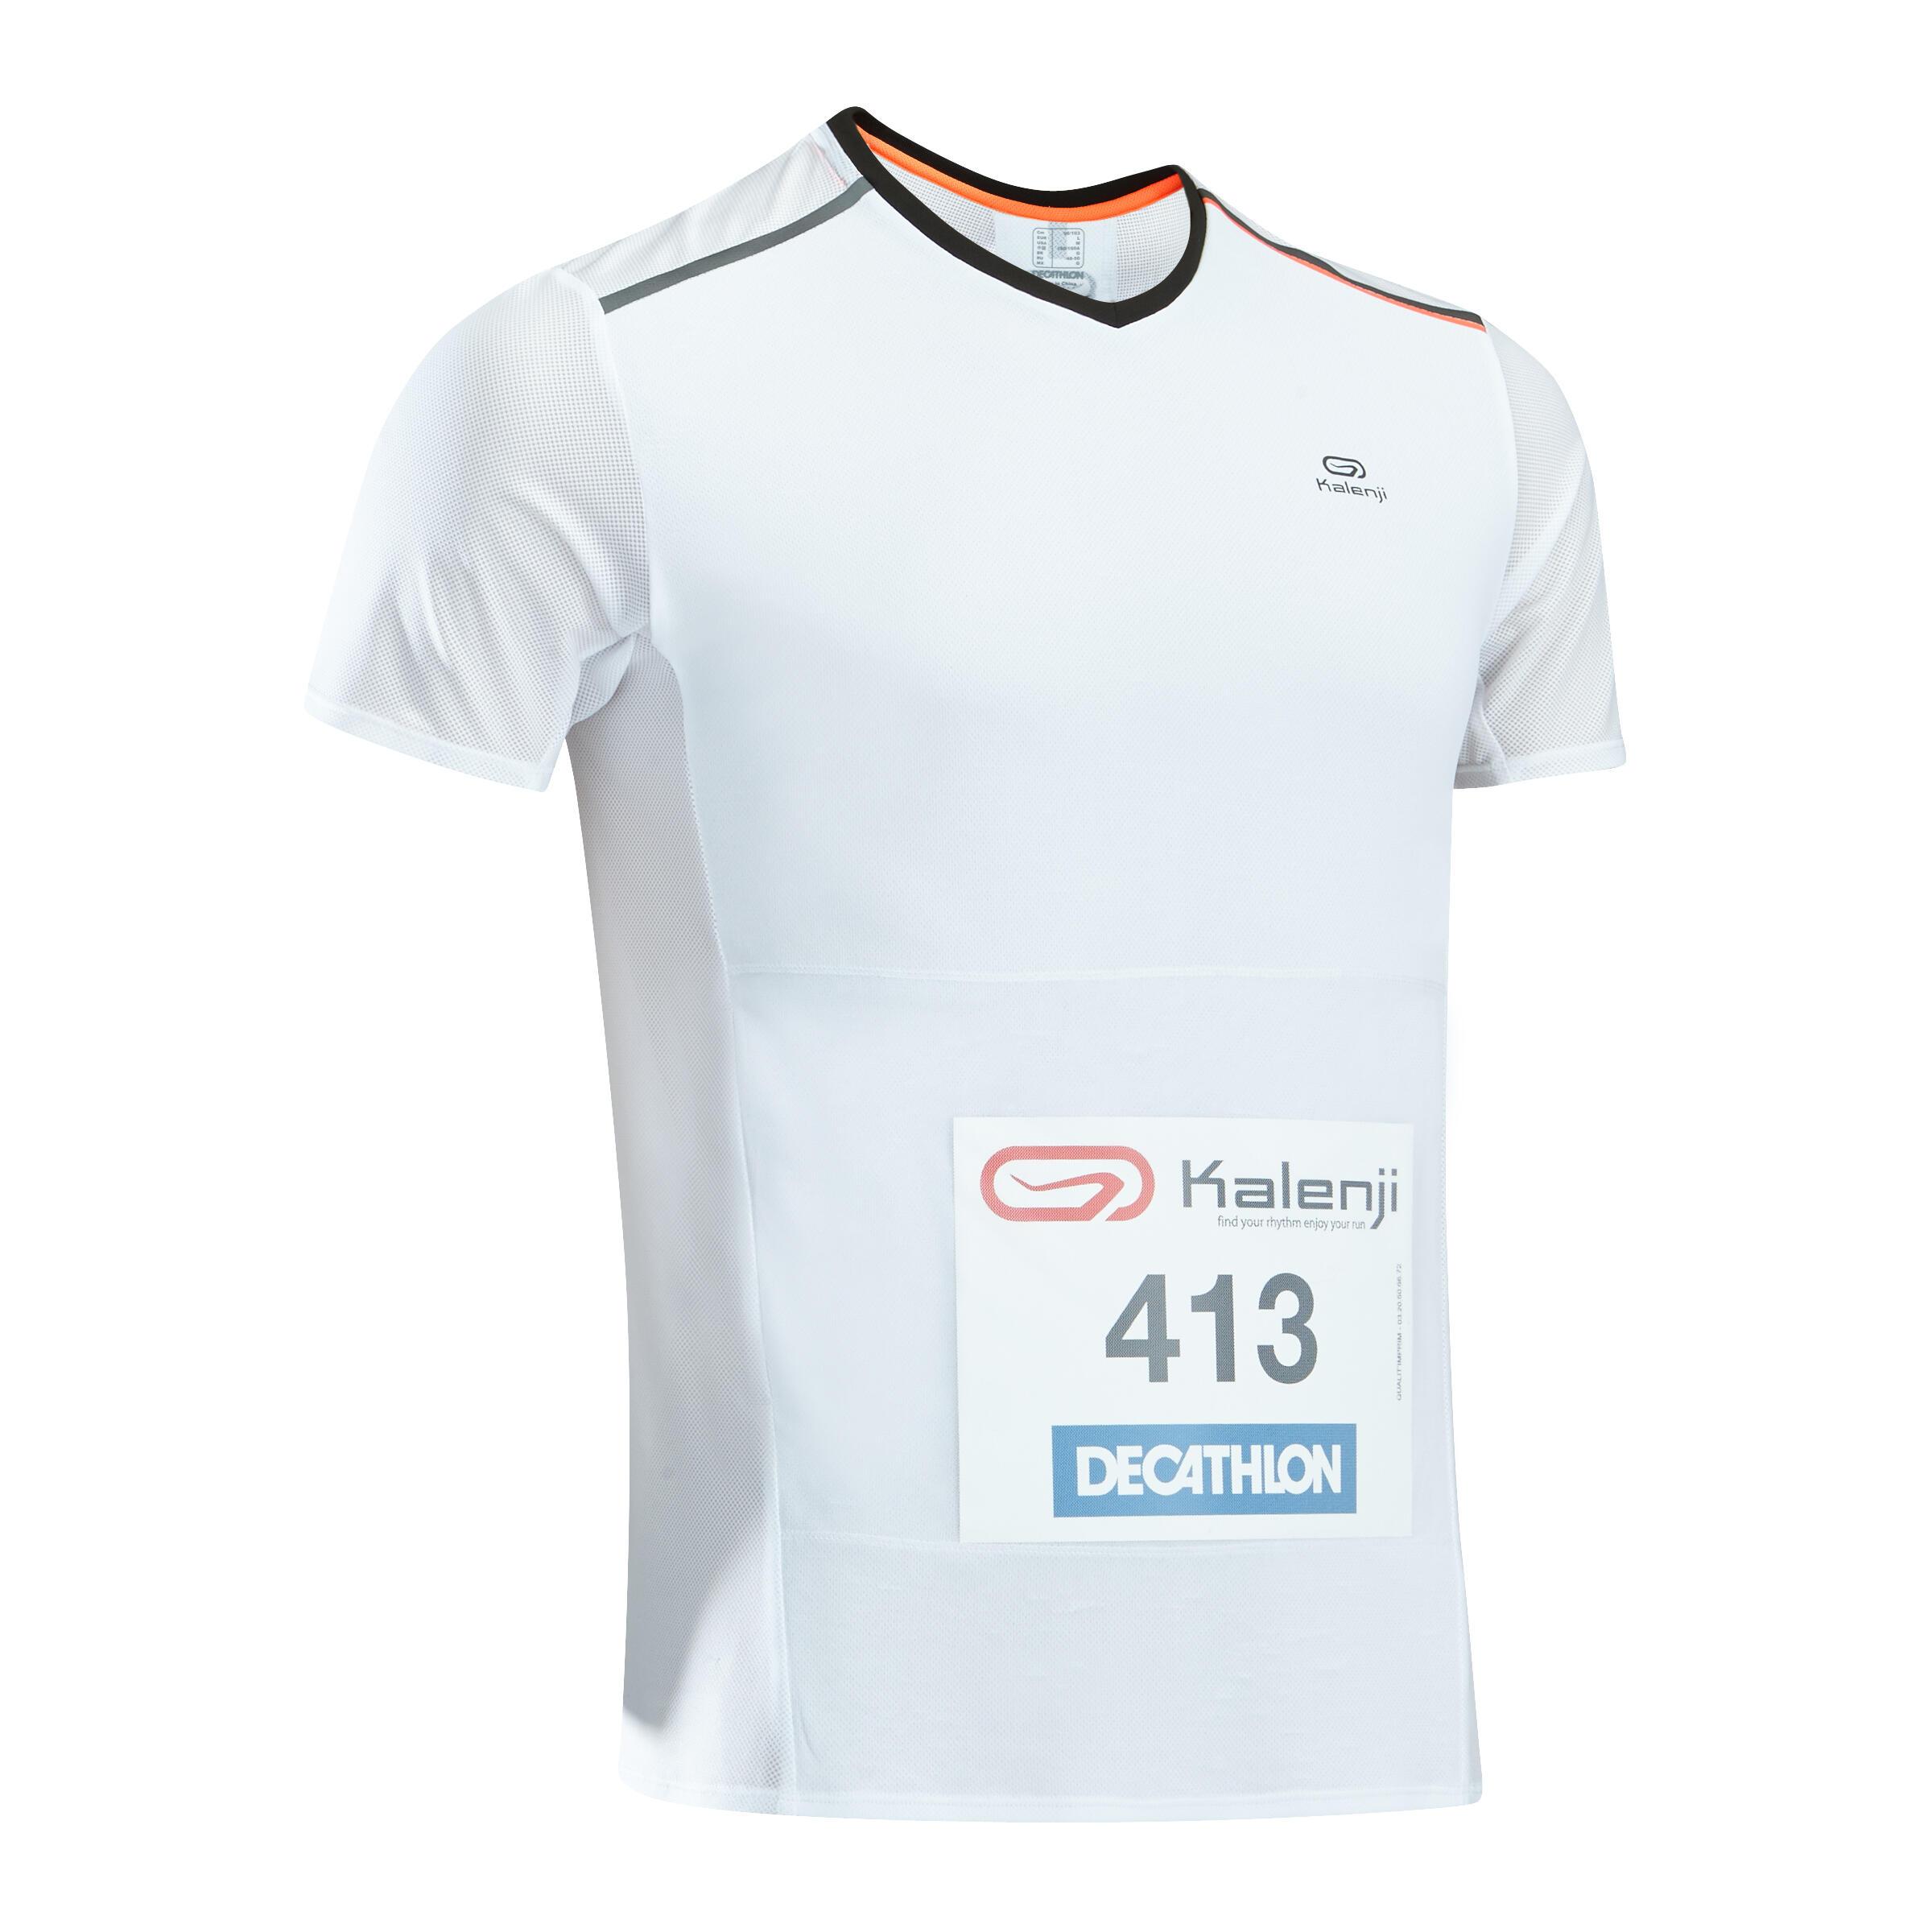 Kalenji Hardloopshirt met startnummerhouder voor heren Kiprun wit